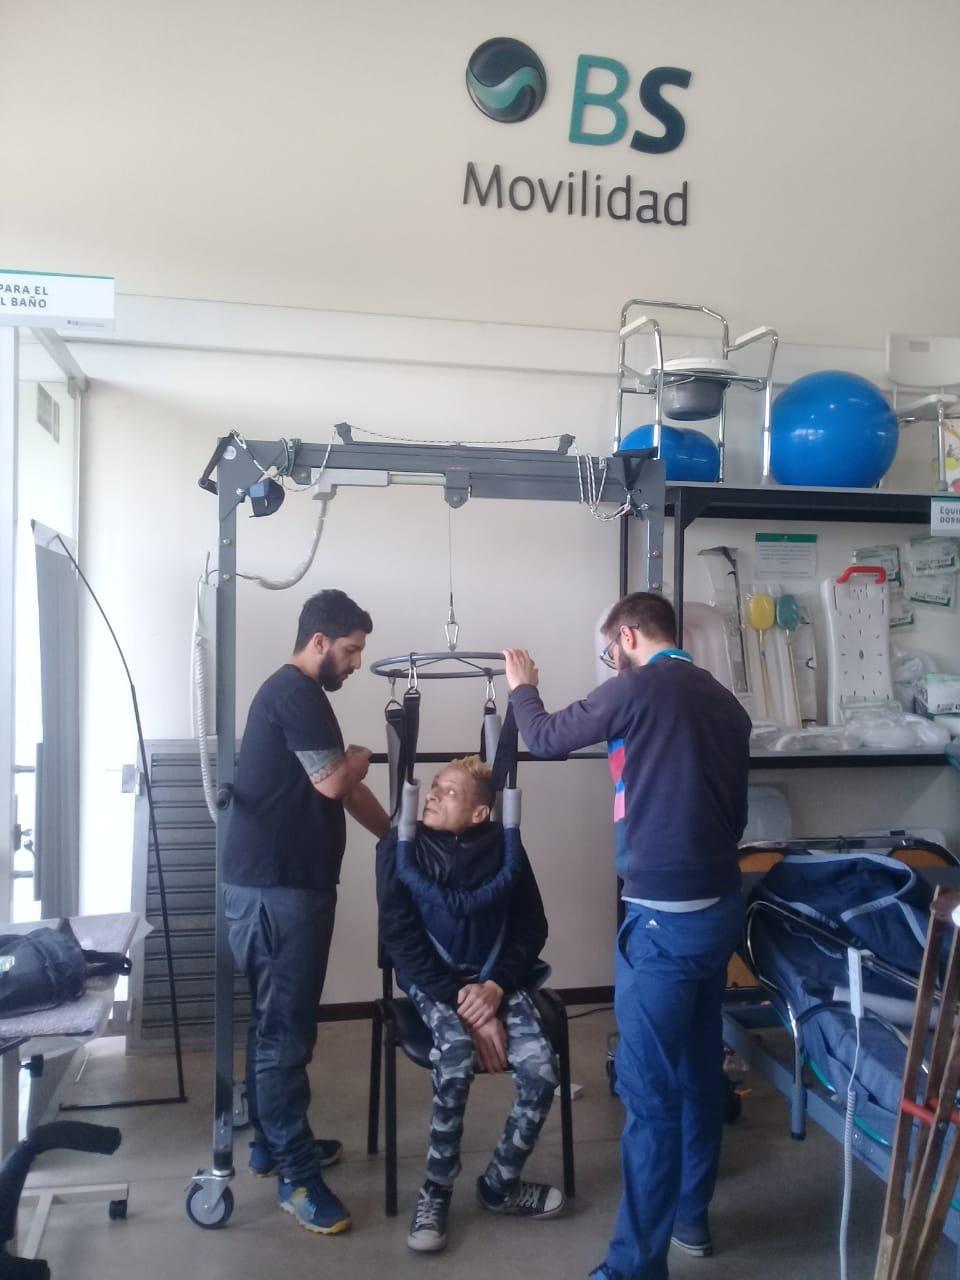 Marcelo Mastroiani BS Movilidad arnés baterista mendocino mariano fandiño